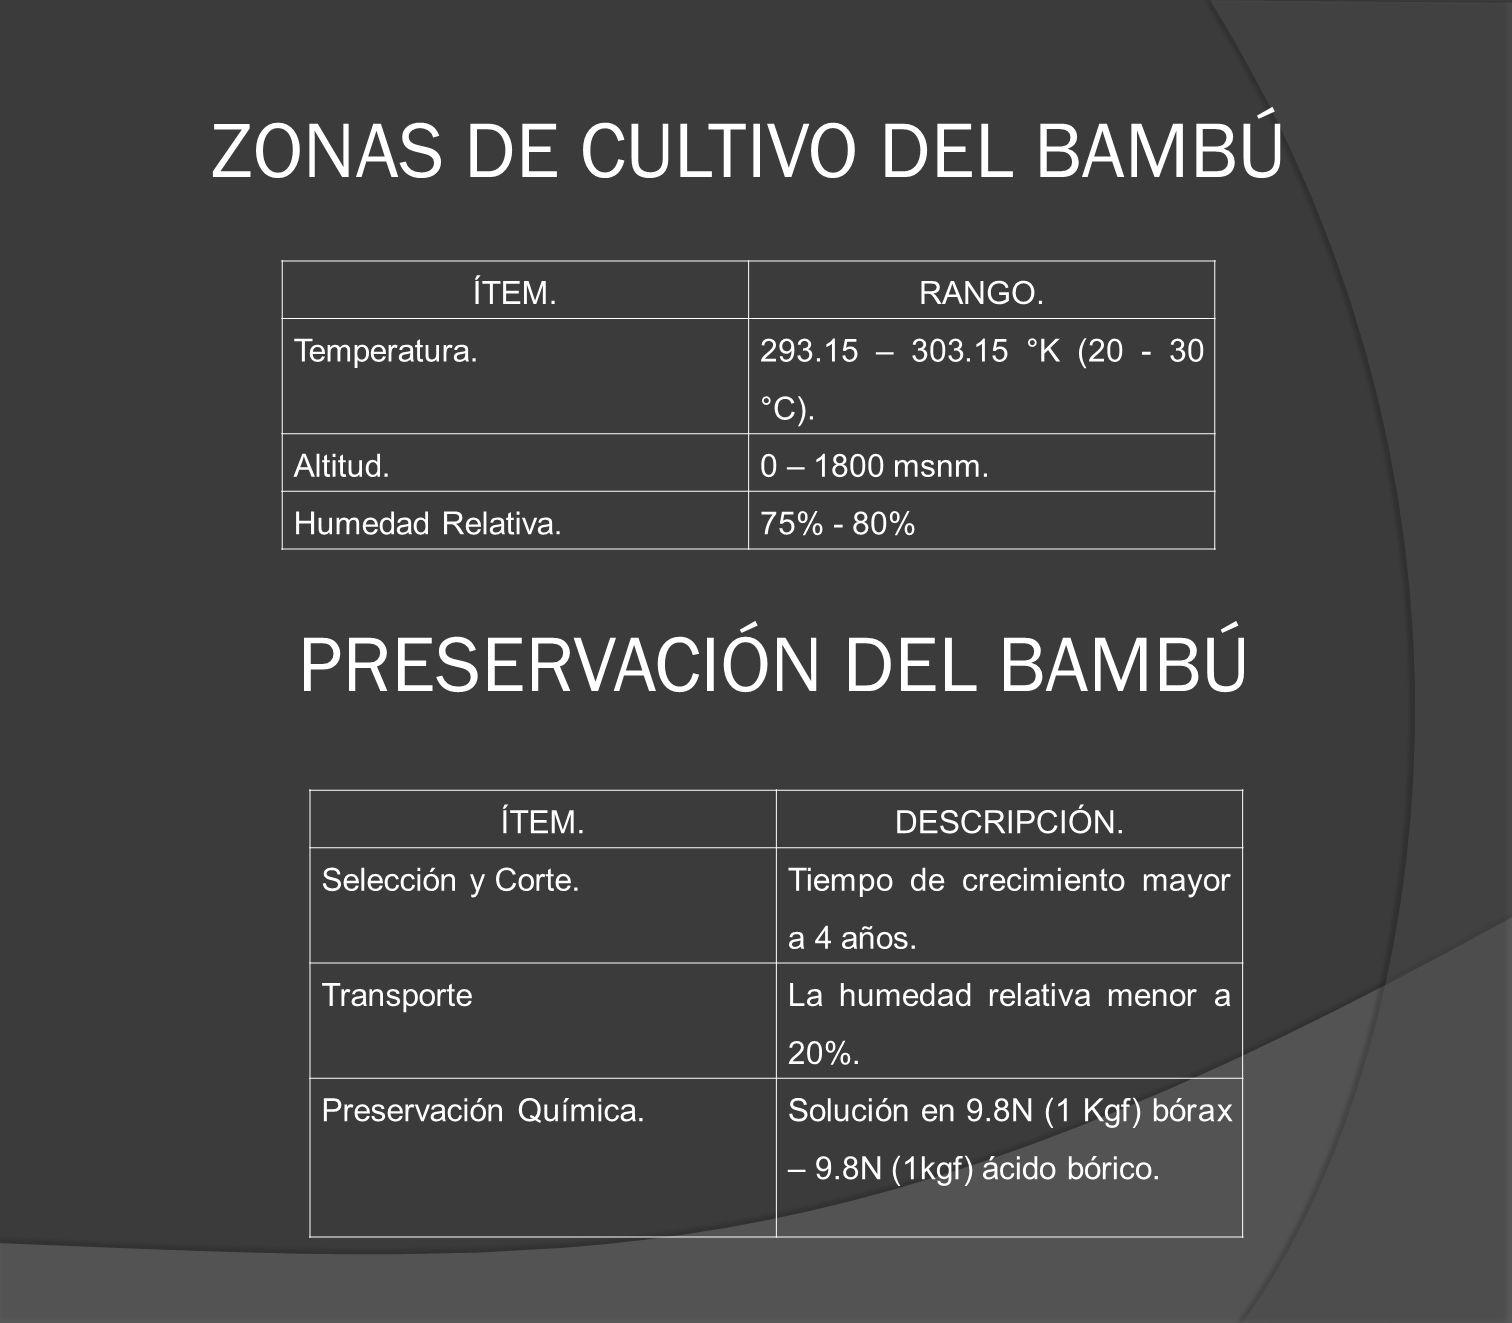 PRESERVACIÓN DEL BAMBÚ